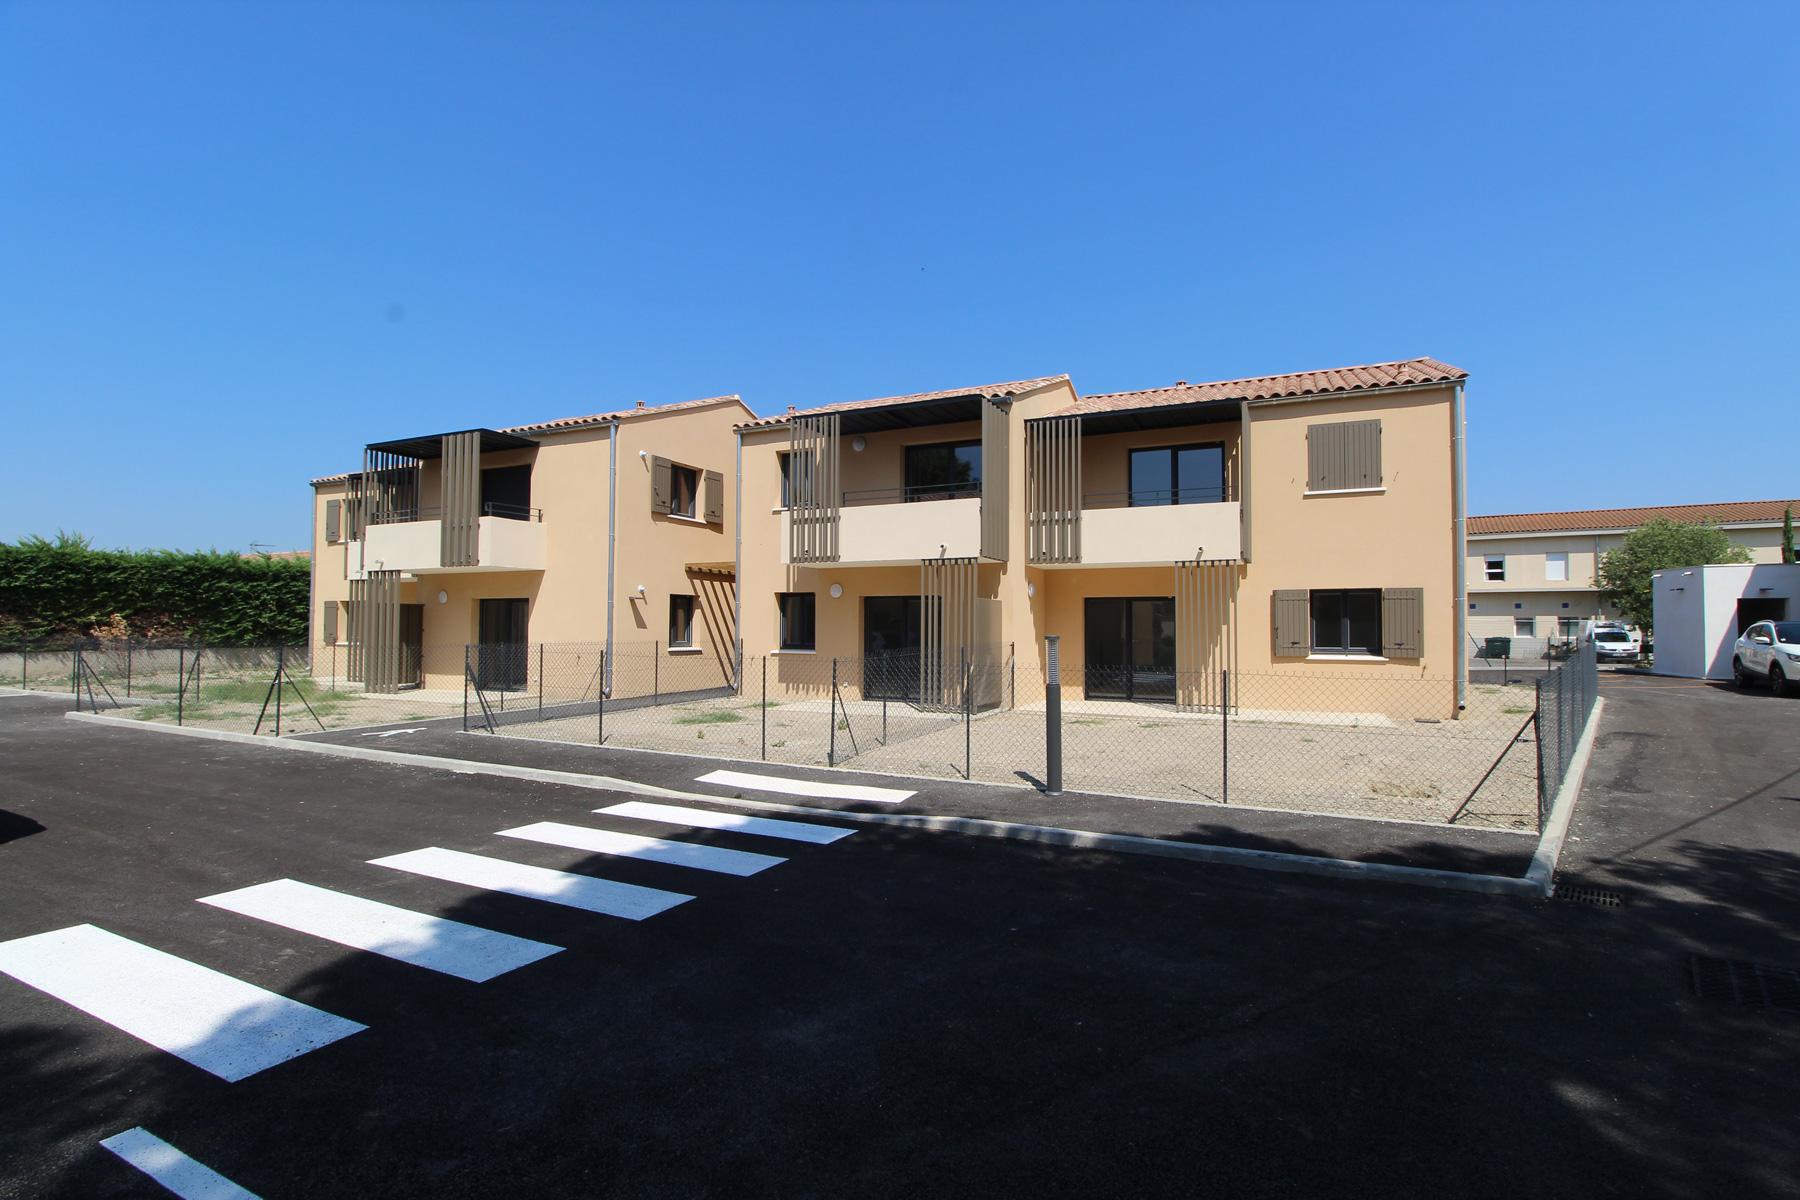 RESIDENCE DAILLAN - 12 villas